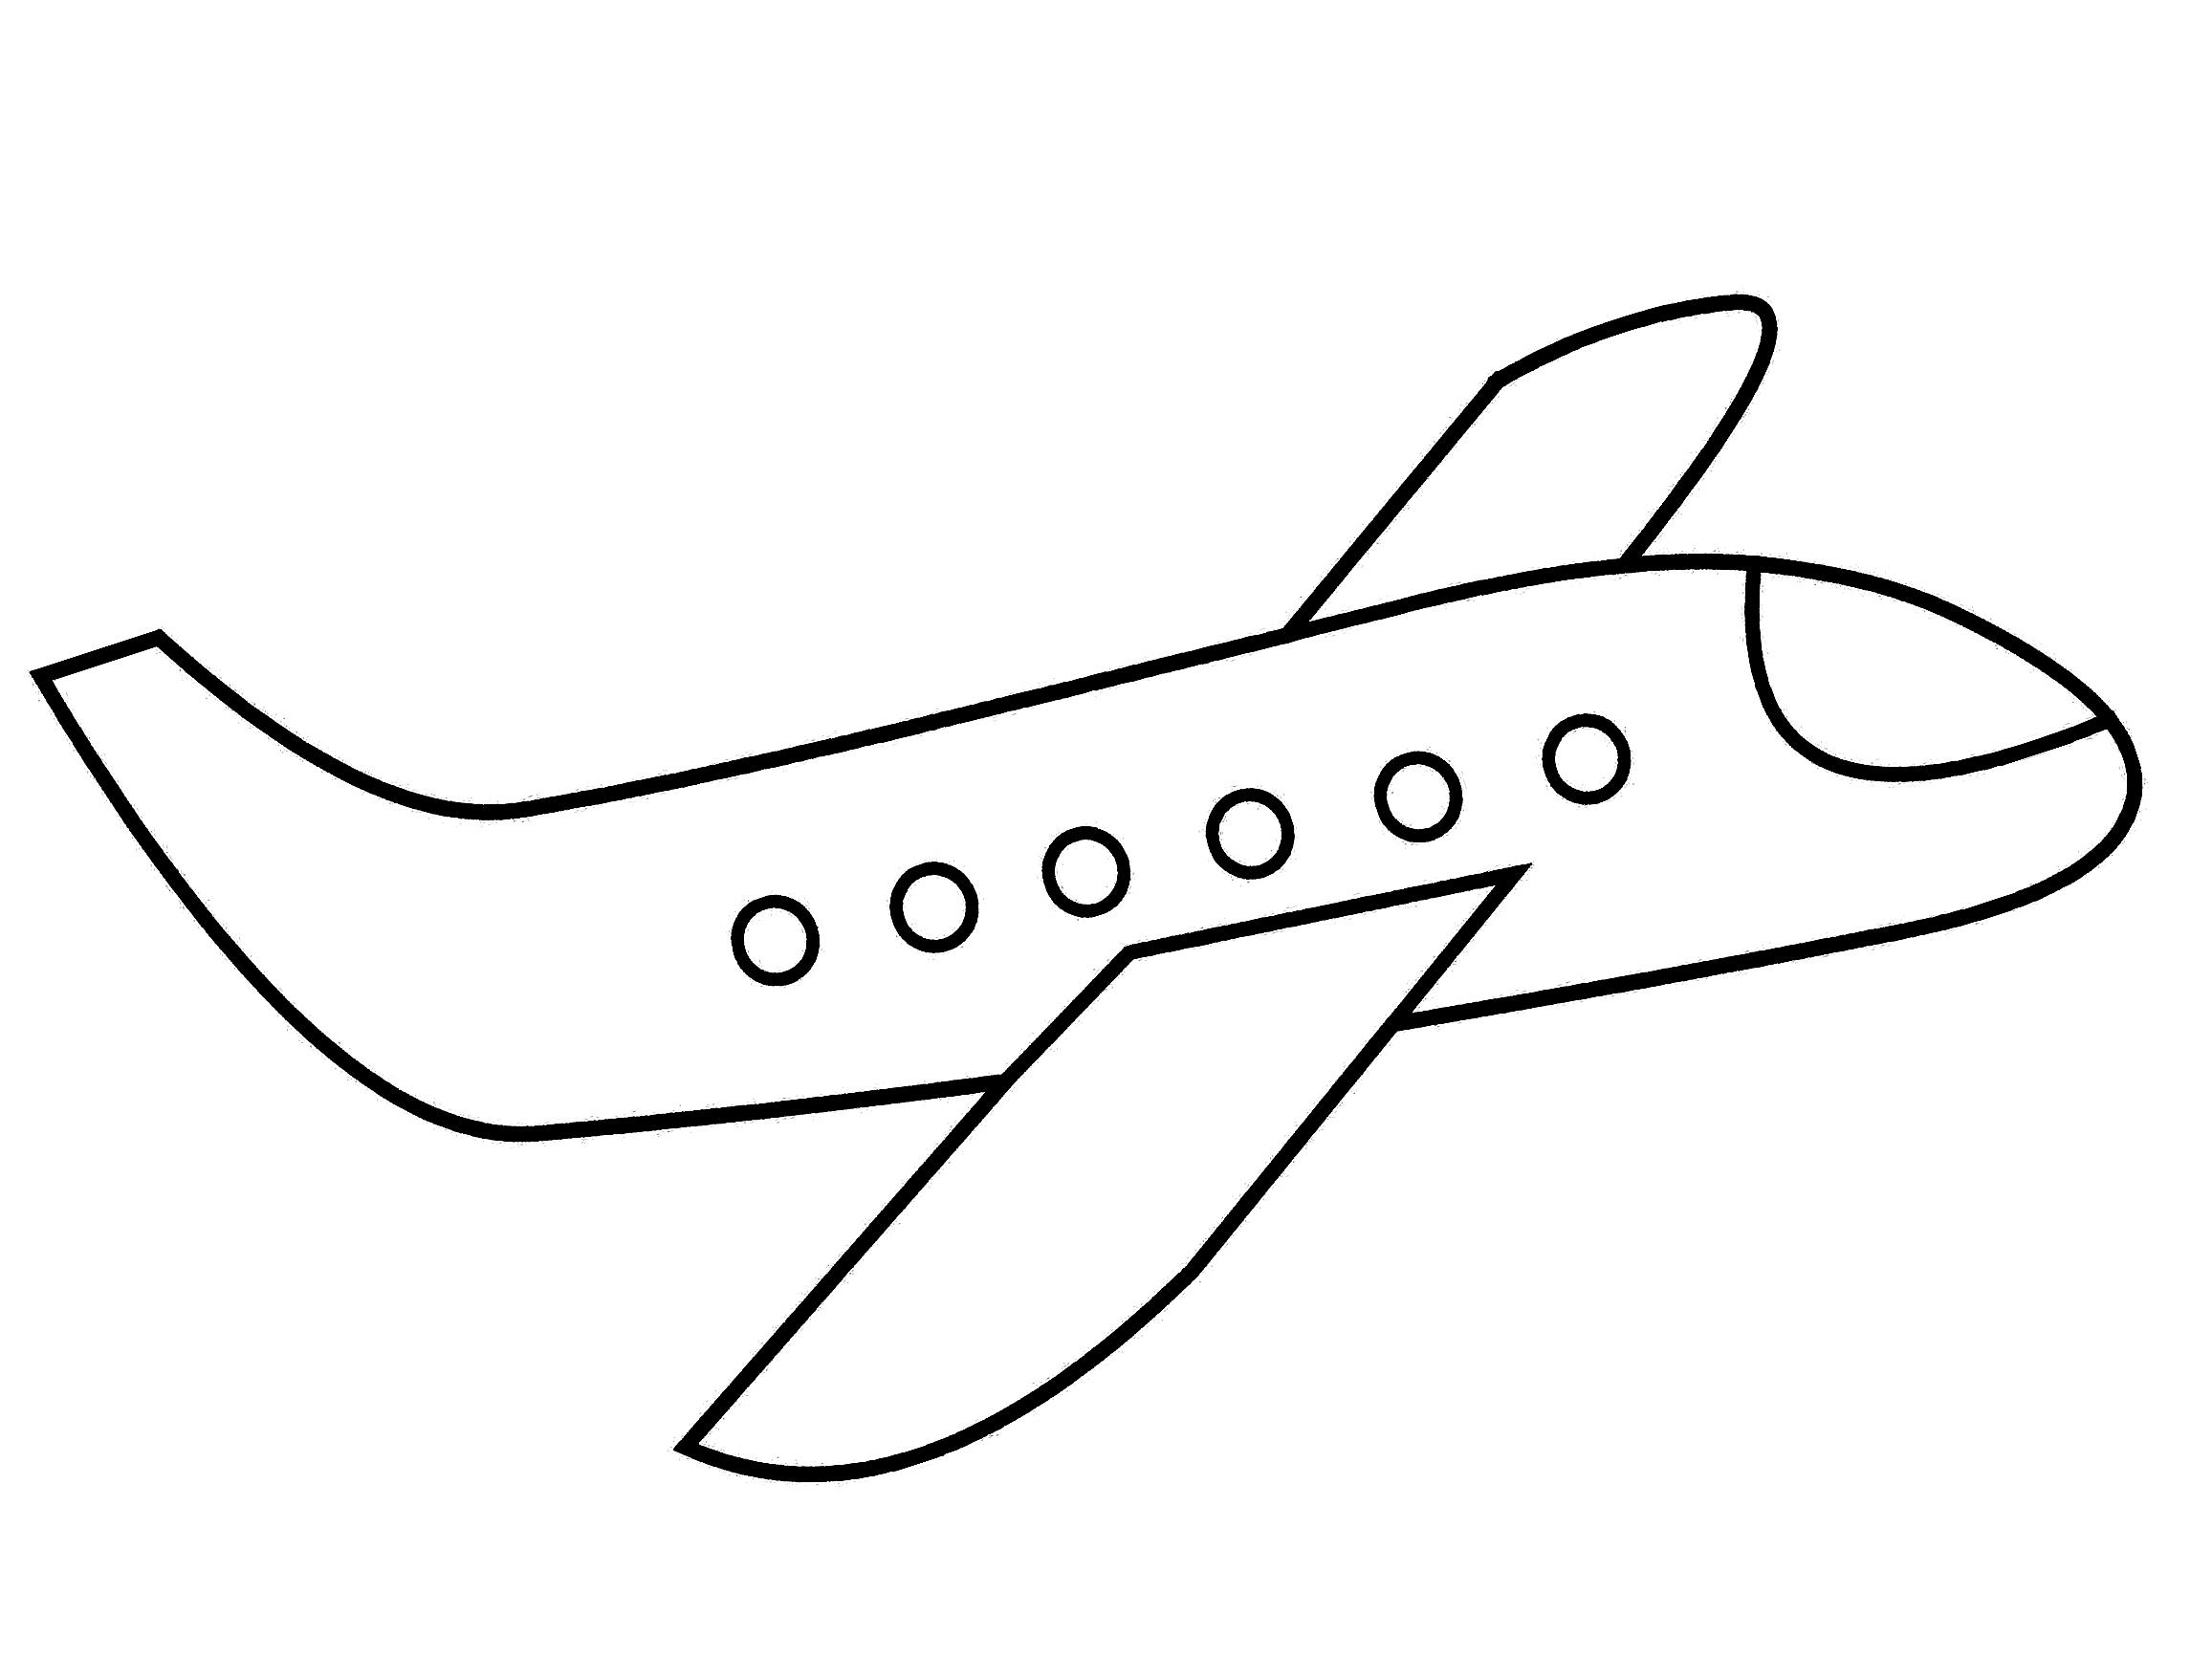 Flugzeug Ausmalbilder Kostenlos Malvorlagen Windowcolor Zum mit Ausmalbild Flugzeug